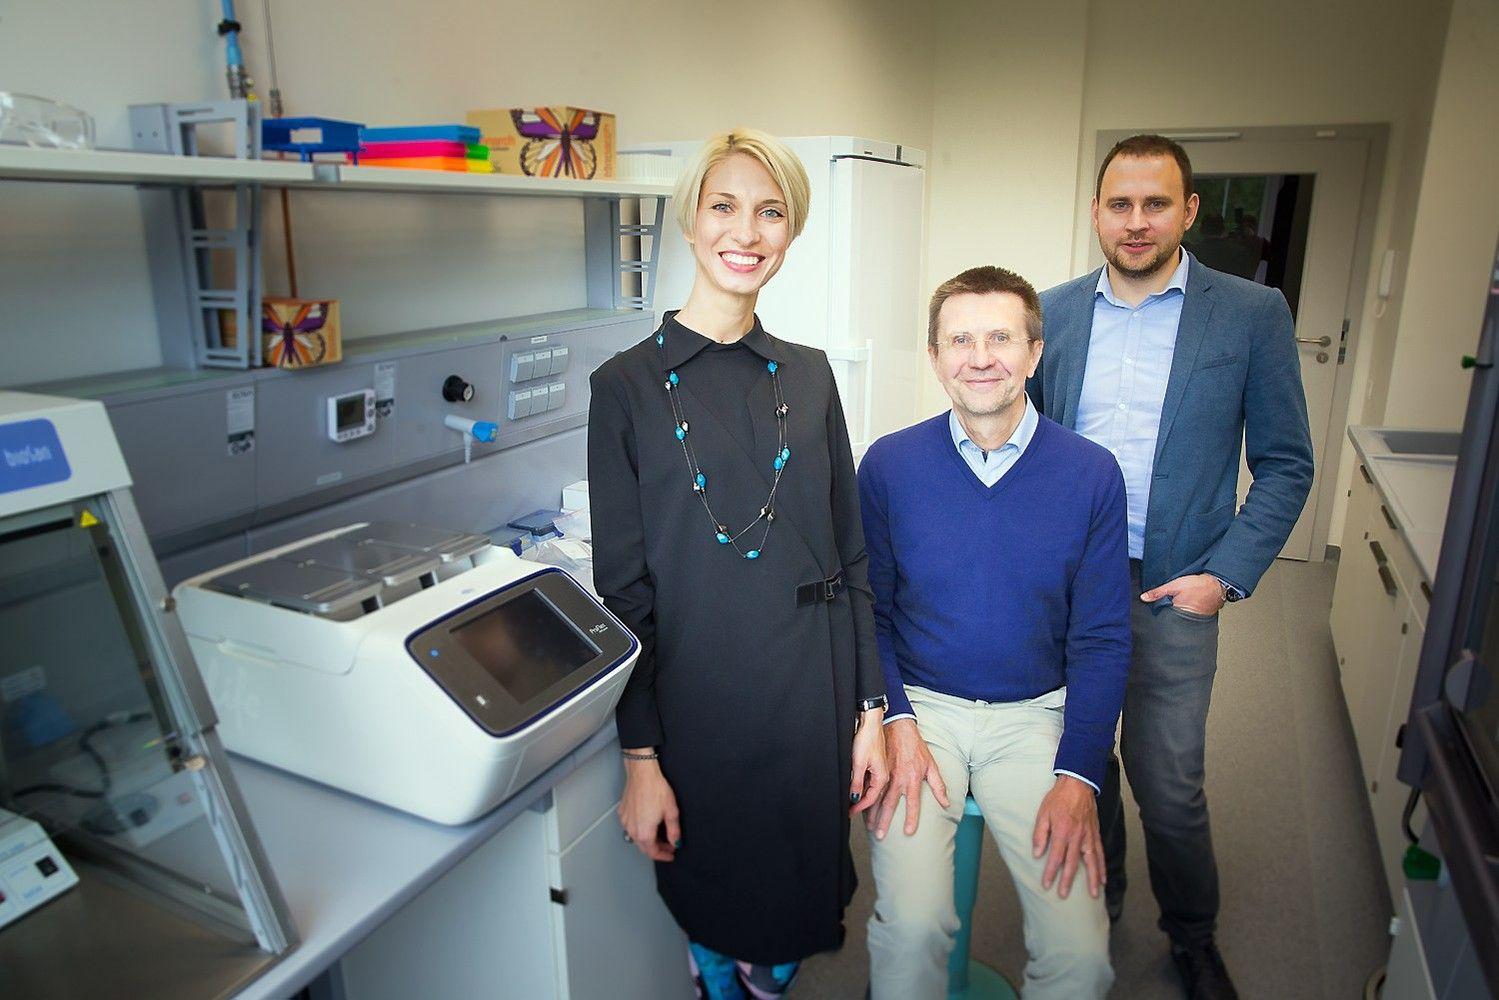 DNR žirklių kūrėjas Šikšnys įkūrė startuolį, kurioužnugaryje –JAV milžinė